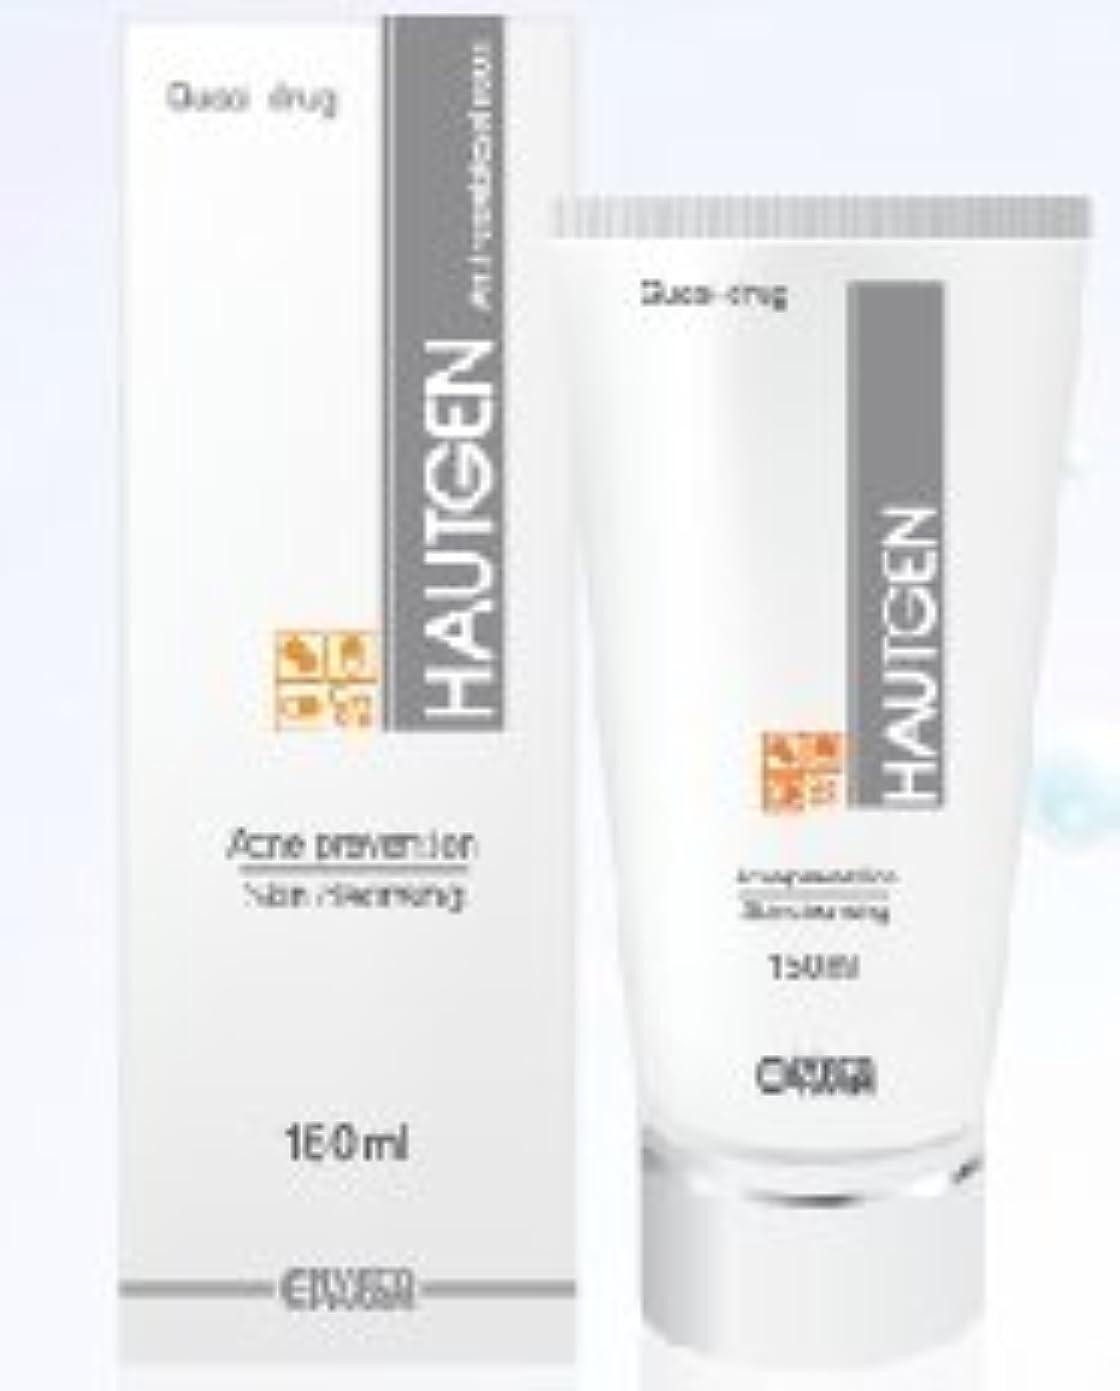 アレンジ船酔いそれにもかかわらず?ニキビ予防 + 皮膚清潔を同時に?HAUTGEN ハウトゲン フォーム クリーム 150ml. Hautgen Foam Cream 150m.